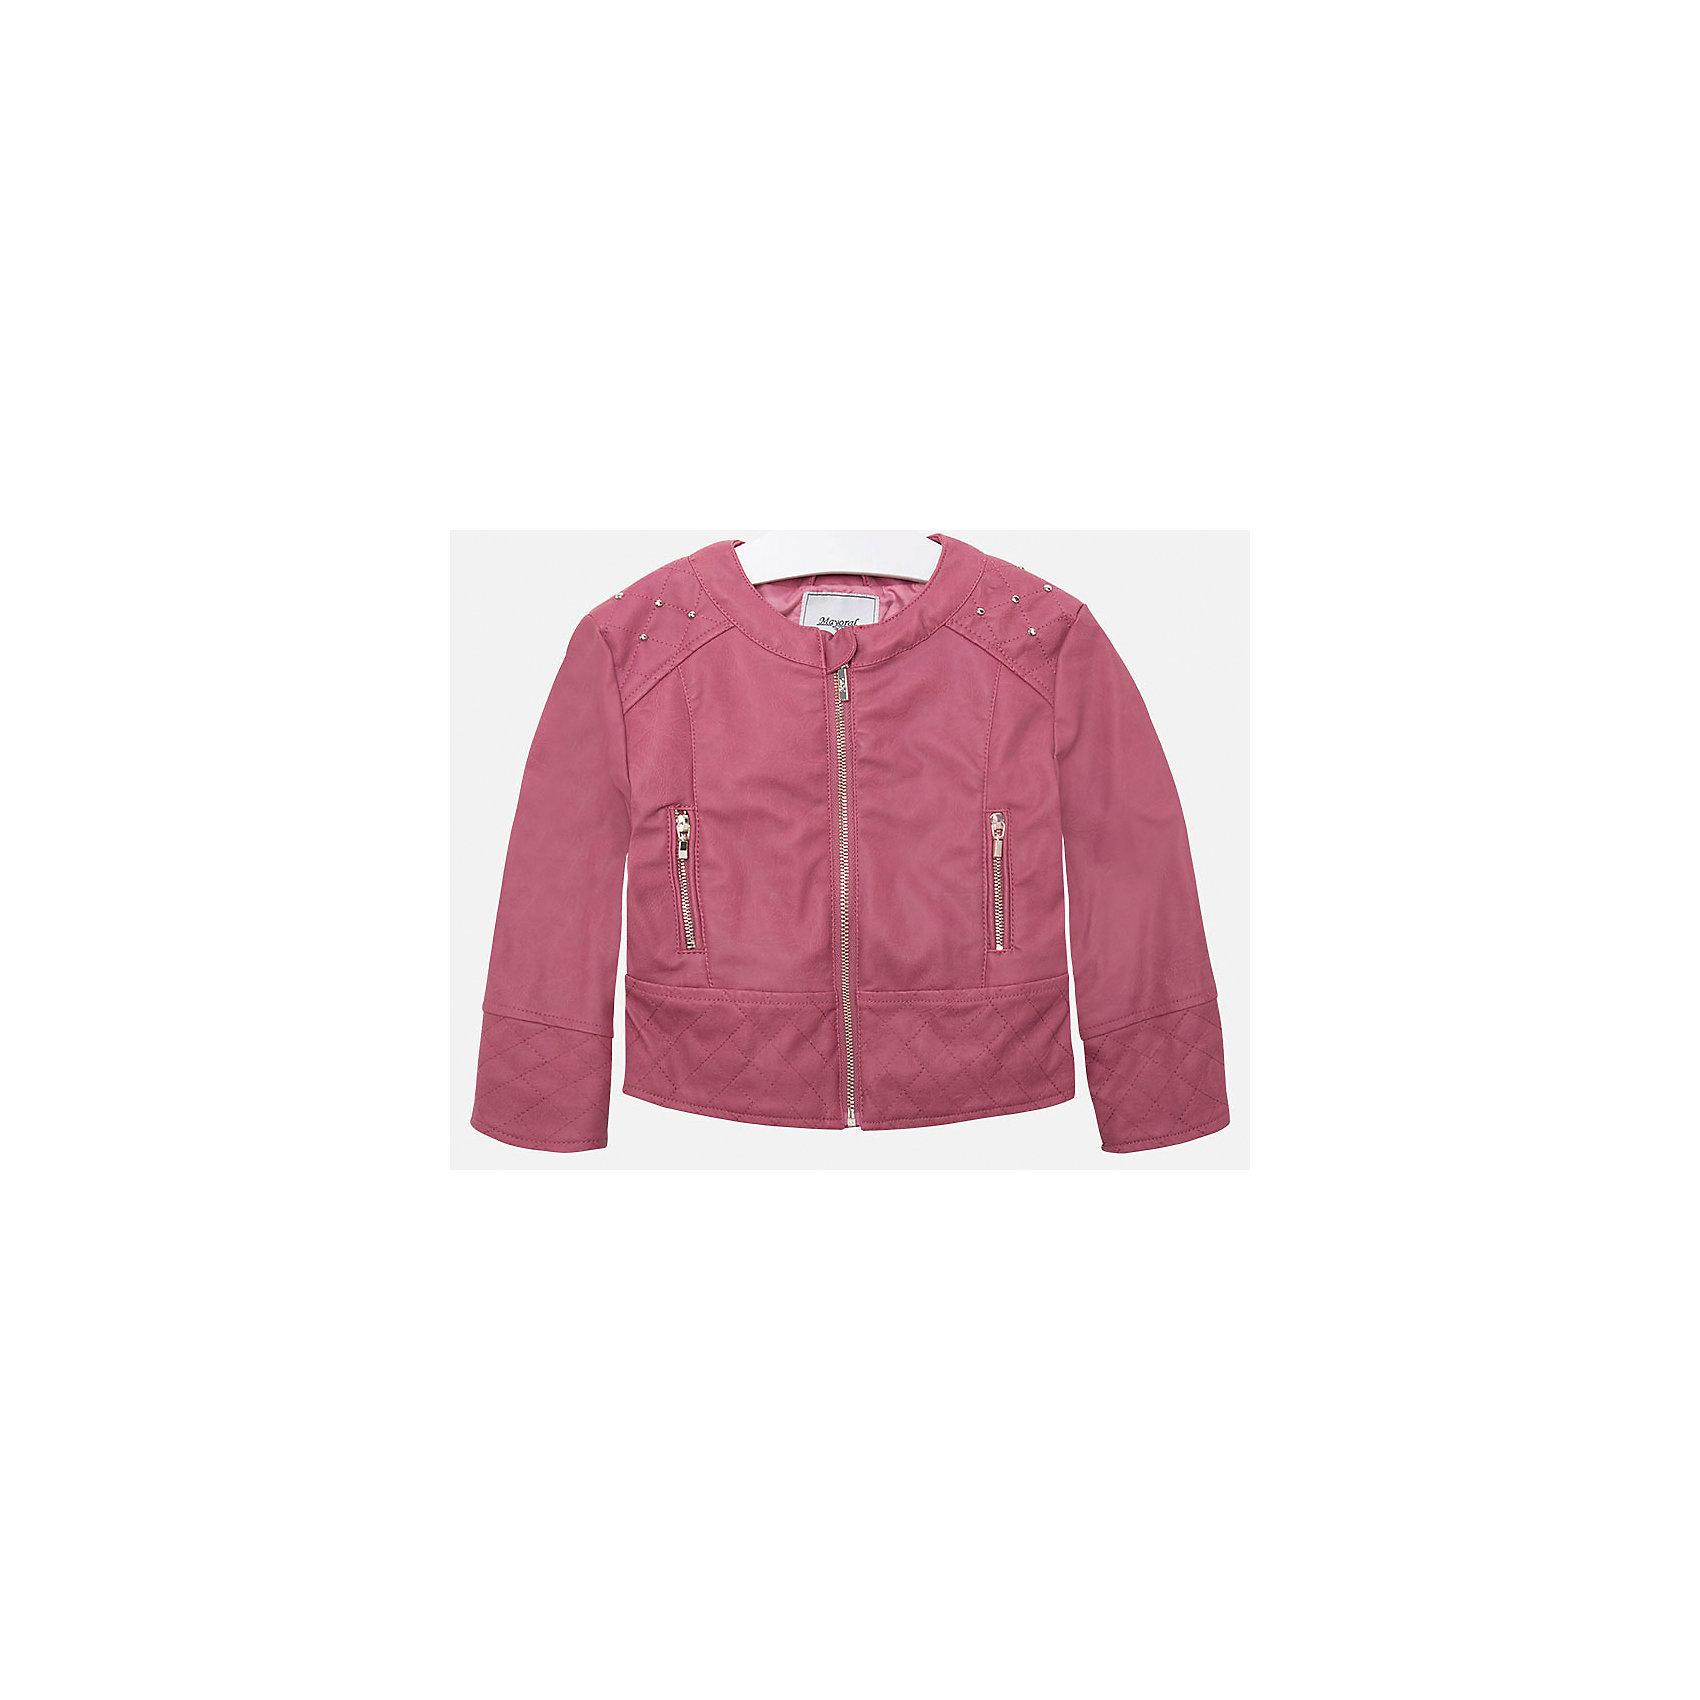 Куртка для девочки MayoralВерхняя одежда<br>Куртка для девочки от Mayoral(Майорал) изготовлена из кожзаменителя с подкладкой из полиэстера. Модель с округлым воротом, застегивается на молнию, есть 2 кармана на молнии по бокам. Украшена стразами на плечах. Такая стильная куртка замечательно будет смотреться на девочке!<br><br>Дополнительная информация:<br>Состав: 100% полиуретан. Подкладка: 100% полиэстер<br>Цвет: розовый<br>Куртку Mayoral(Майорал) вы можете приобрести в нашем интернет-магазине.<br><br>Ширина мм: 356<br>Глубина мм: 10<br>Высота мм: 245<br>Вес г: 519<br>Цвет: розовый<br>Возраст от месяцев: 24<br>Возраст до месяцев: 36<br>Пол: Женский<br>Возраст: Детский<br>Размер: 98,128,122,134,104,116,110<br>SKU: 4843752